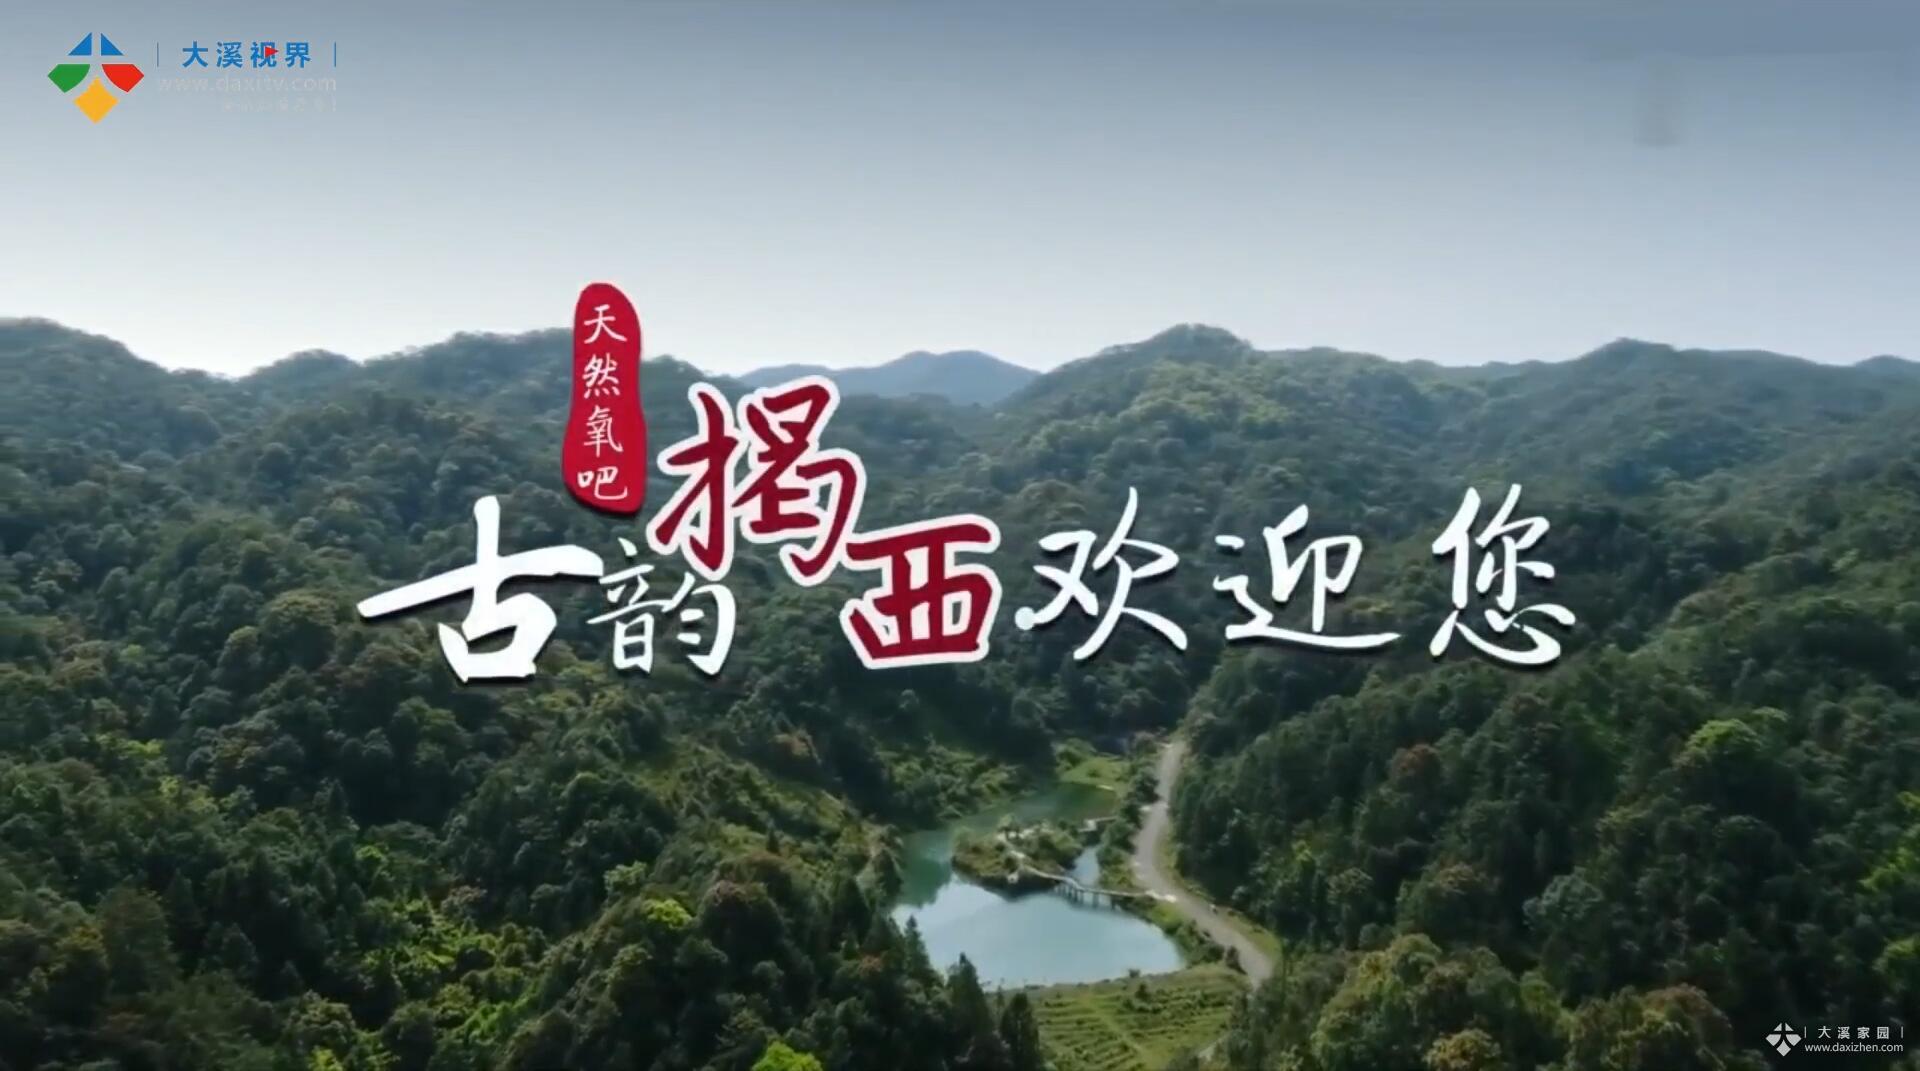 """祝贺揭西喜获""""中国天然氧吧""""荣誉称号"""